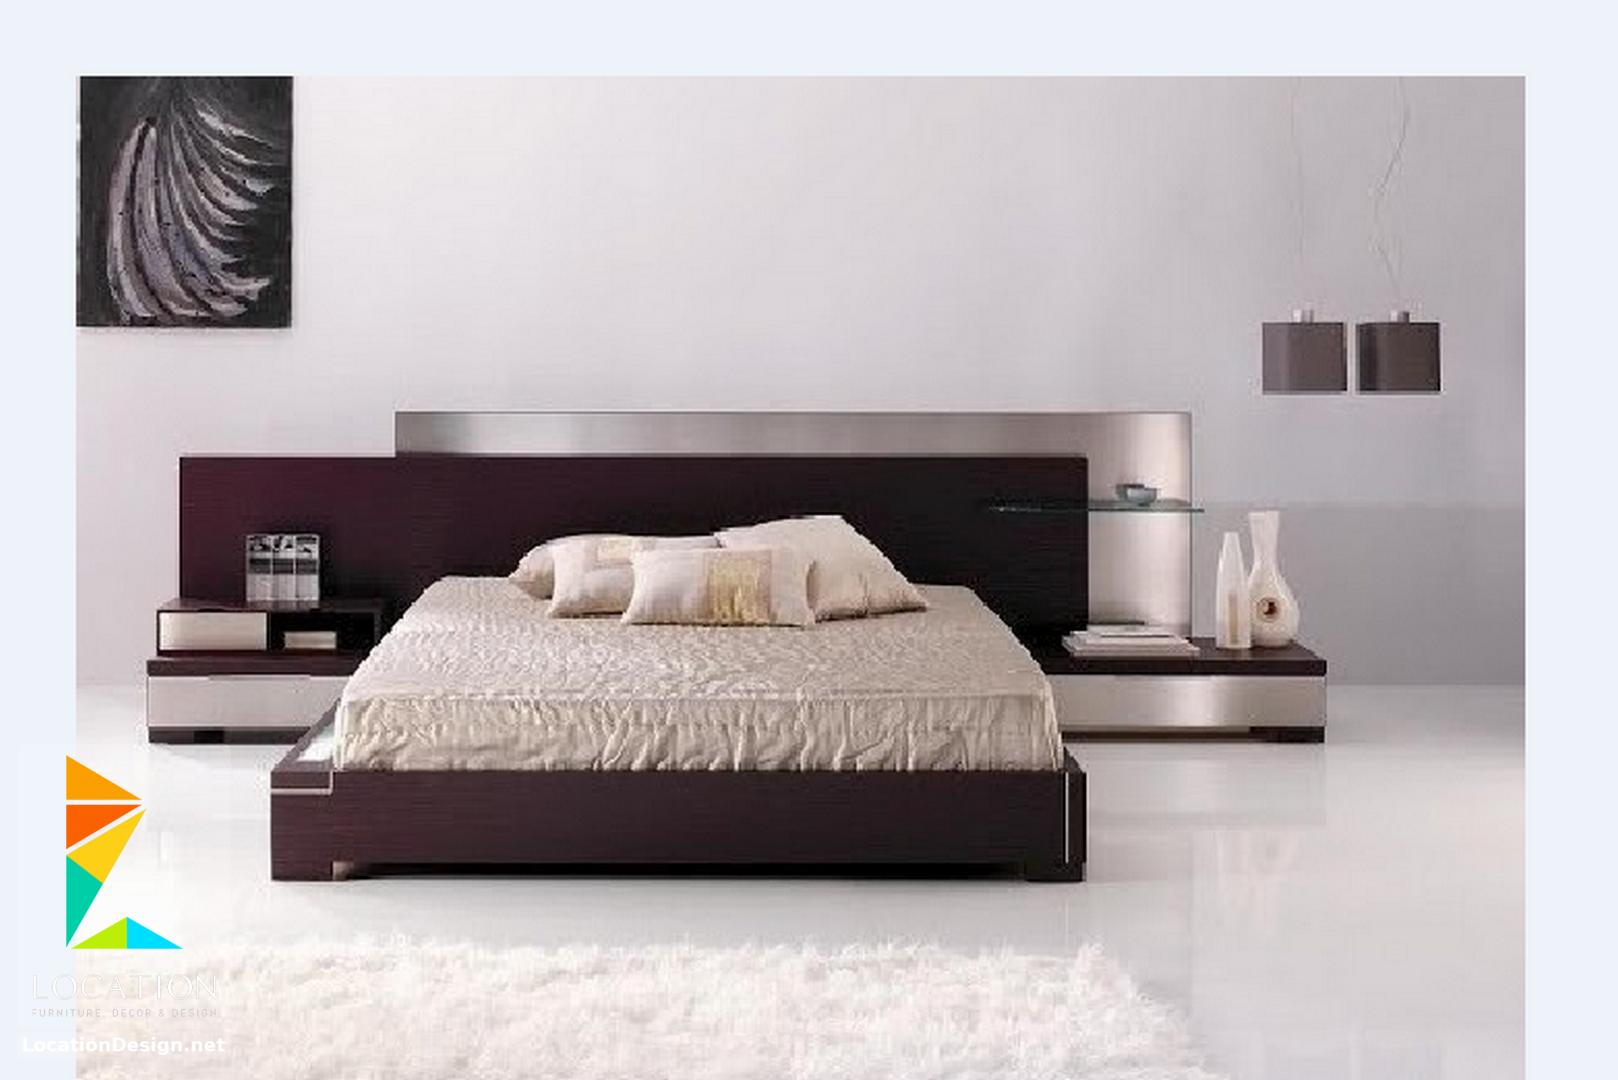 احدث تصميمات غرف نوم مودرن للعرسان بكل شكل ولون موضة 2019 لوكشين ديزين نت Bedroom Furniture Design Luxury Bedroom Master Bedroom Bed Design